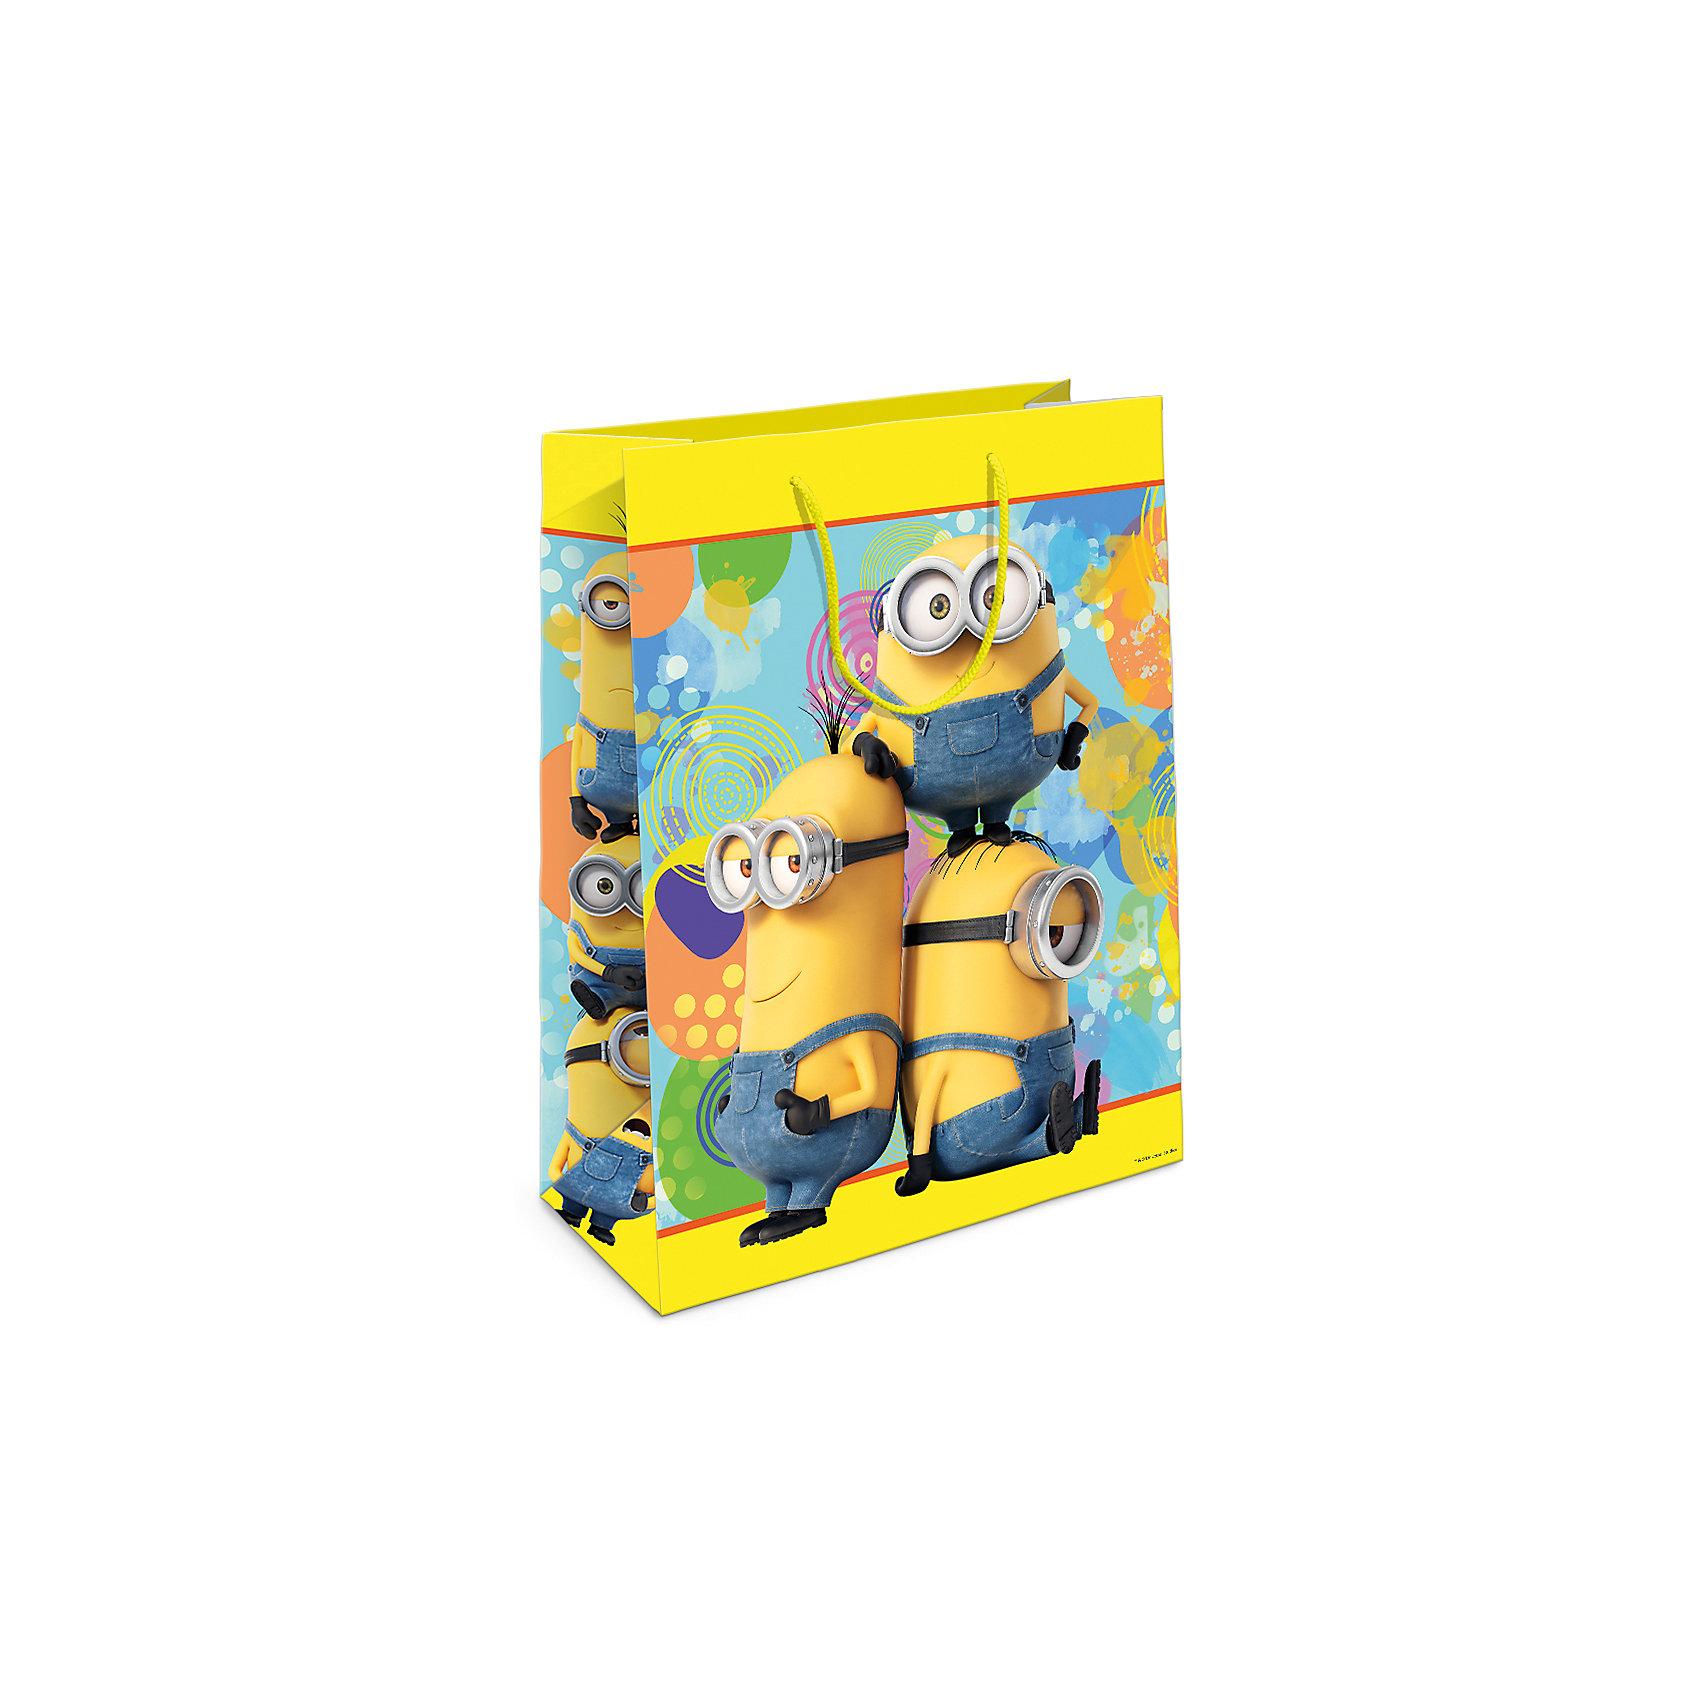 Пакет подарочный Миньоны, желтый, 350*250*90Подарочный бумажный пакет «Миньоны» с веселым, привлекательным принтом ярко украсит подарок и  еще больше поднимет праздничное настроение. Размер: 35х25х9 см.<br><br>Ширина мм: 350<br>Глубина мм: 250<br>Высота мм: 3<br>Вес г: 78<br>Возраст от месяцев: 36<br>Возраст до месяцев: 120<br>Пол: Унисекс<br>Возраст: Детский<br>SKU: 5016449